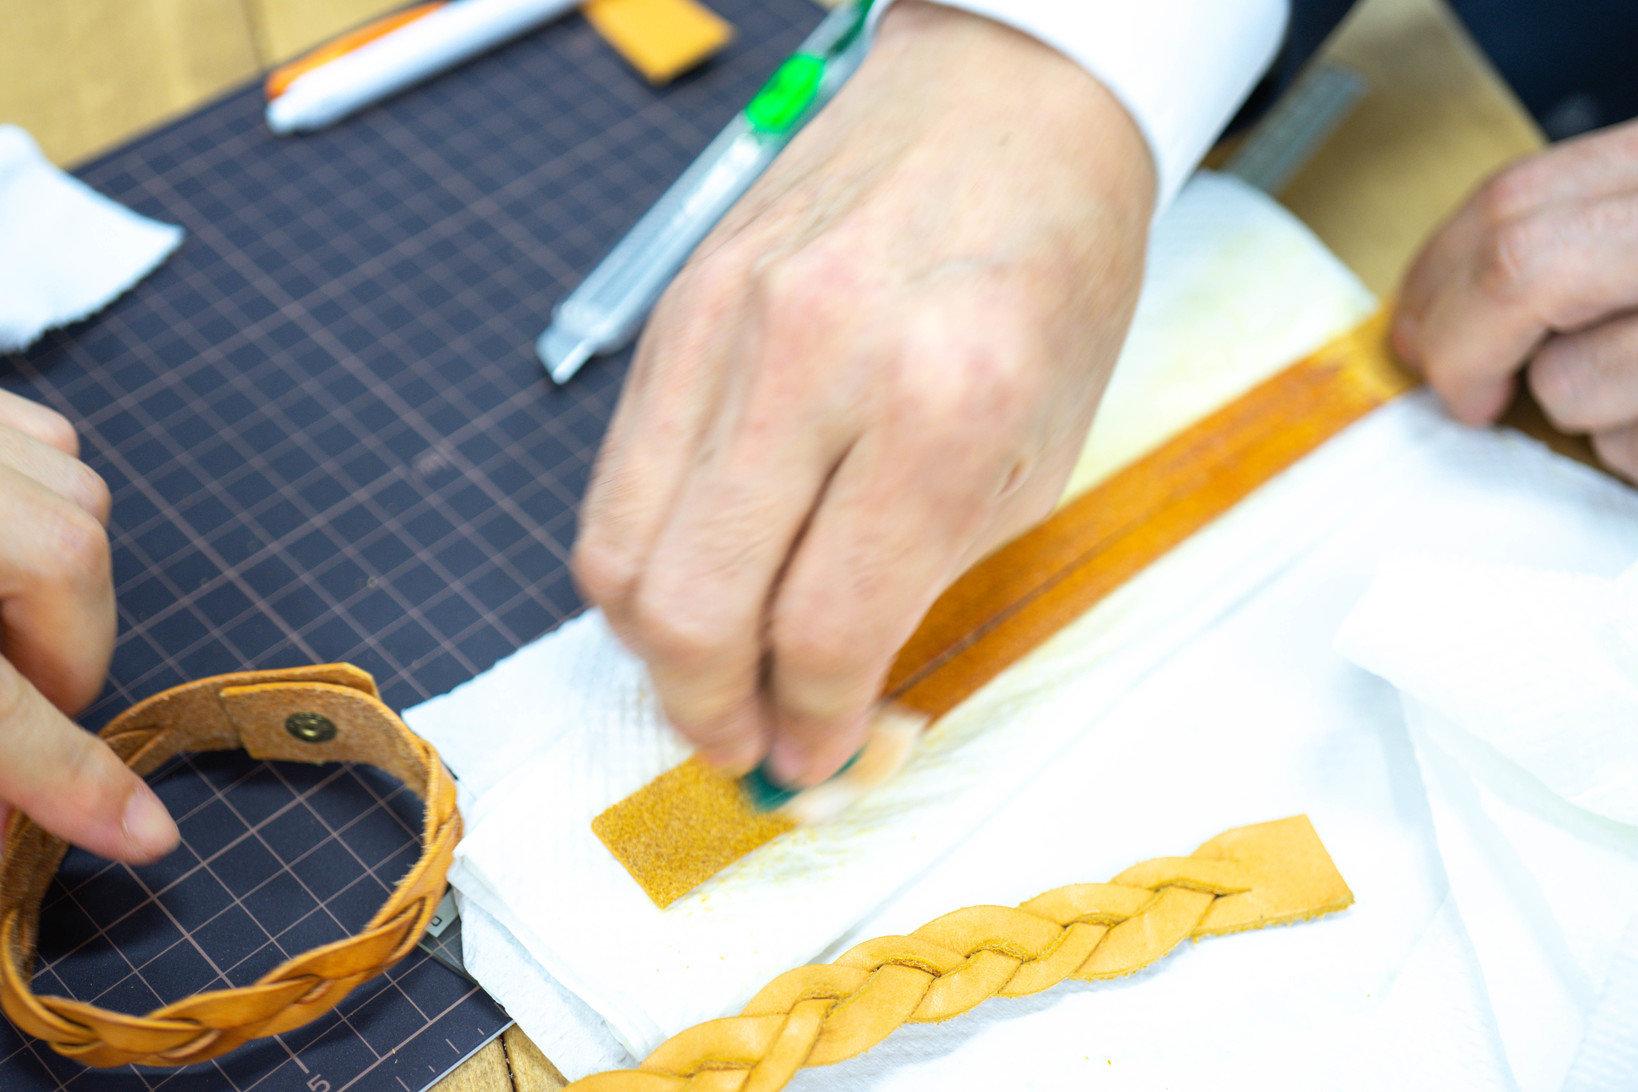 革素材を実際に加工してみるワークショップも開かれていました。